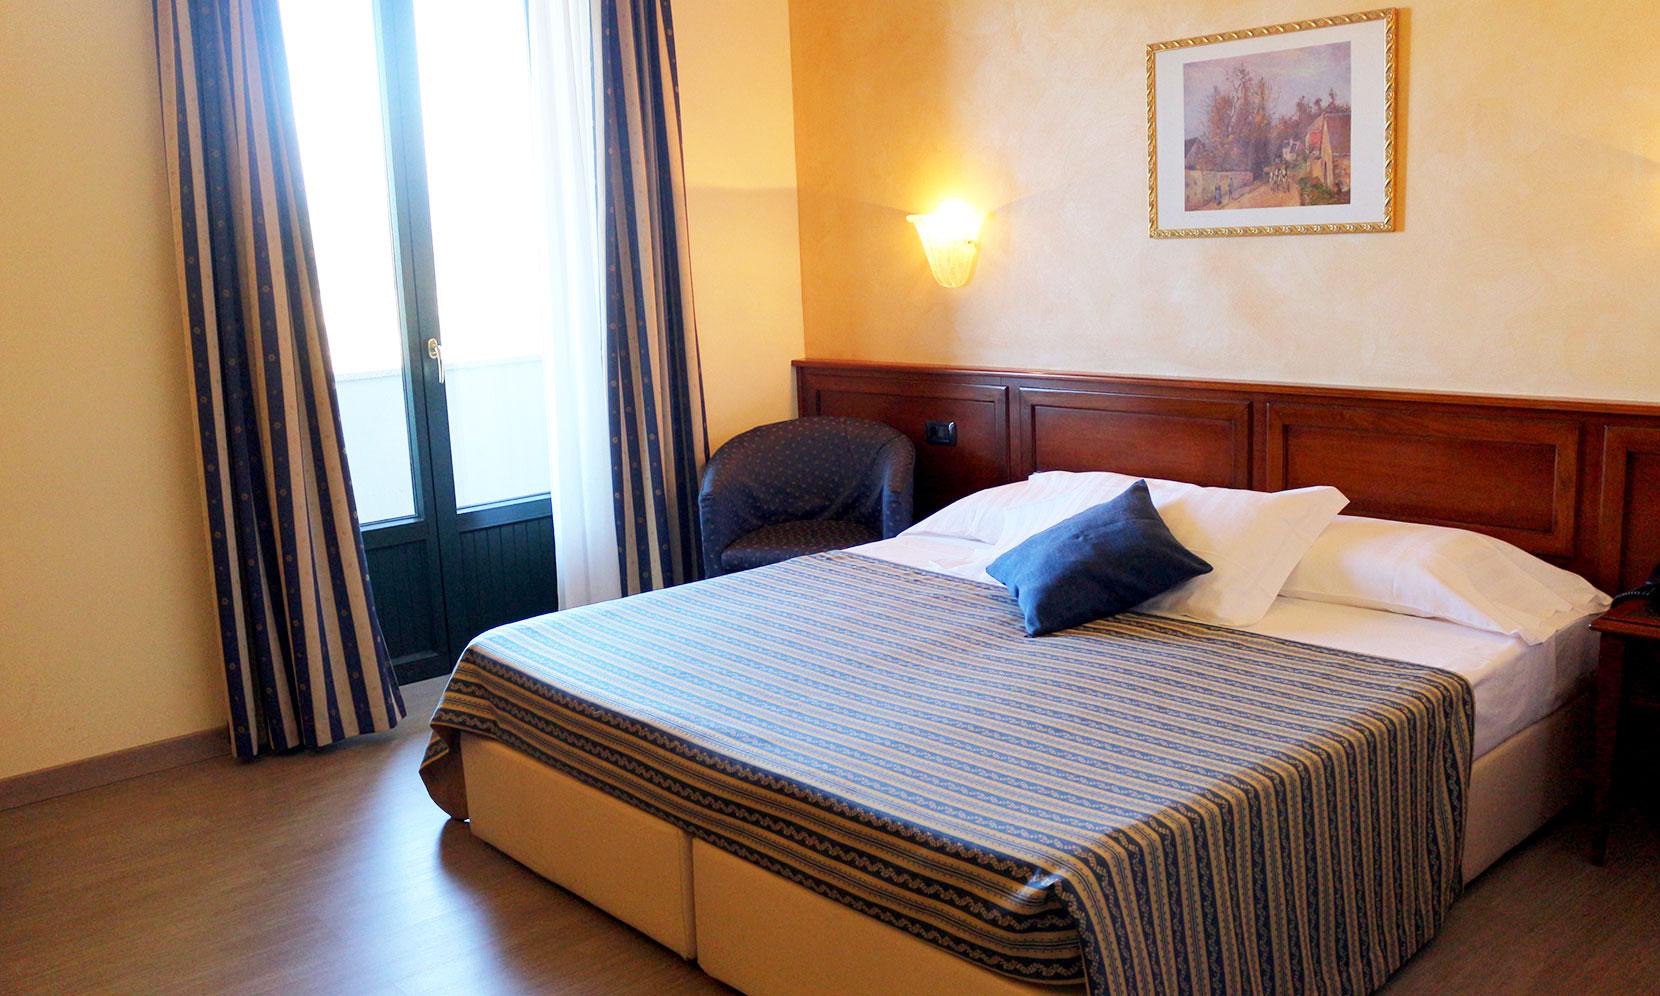 Camere Hotel Gardenia vicino a Torino